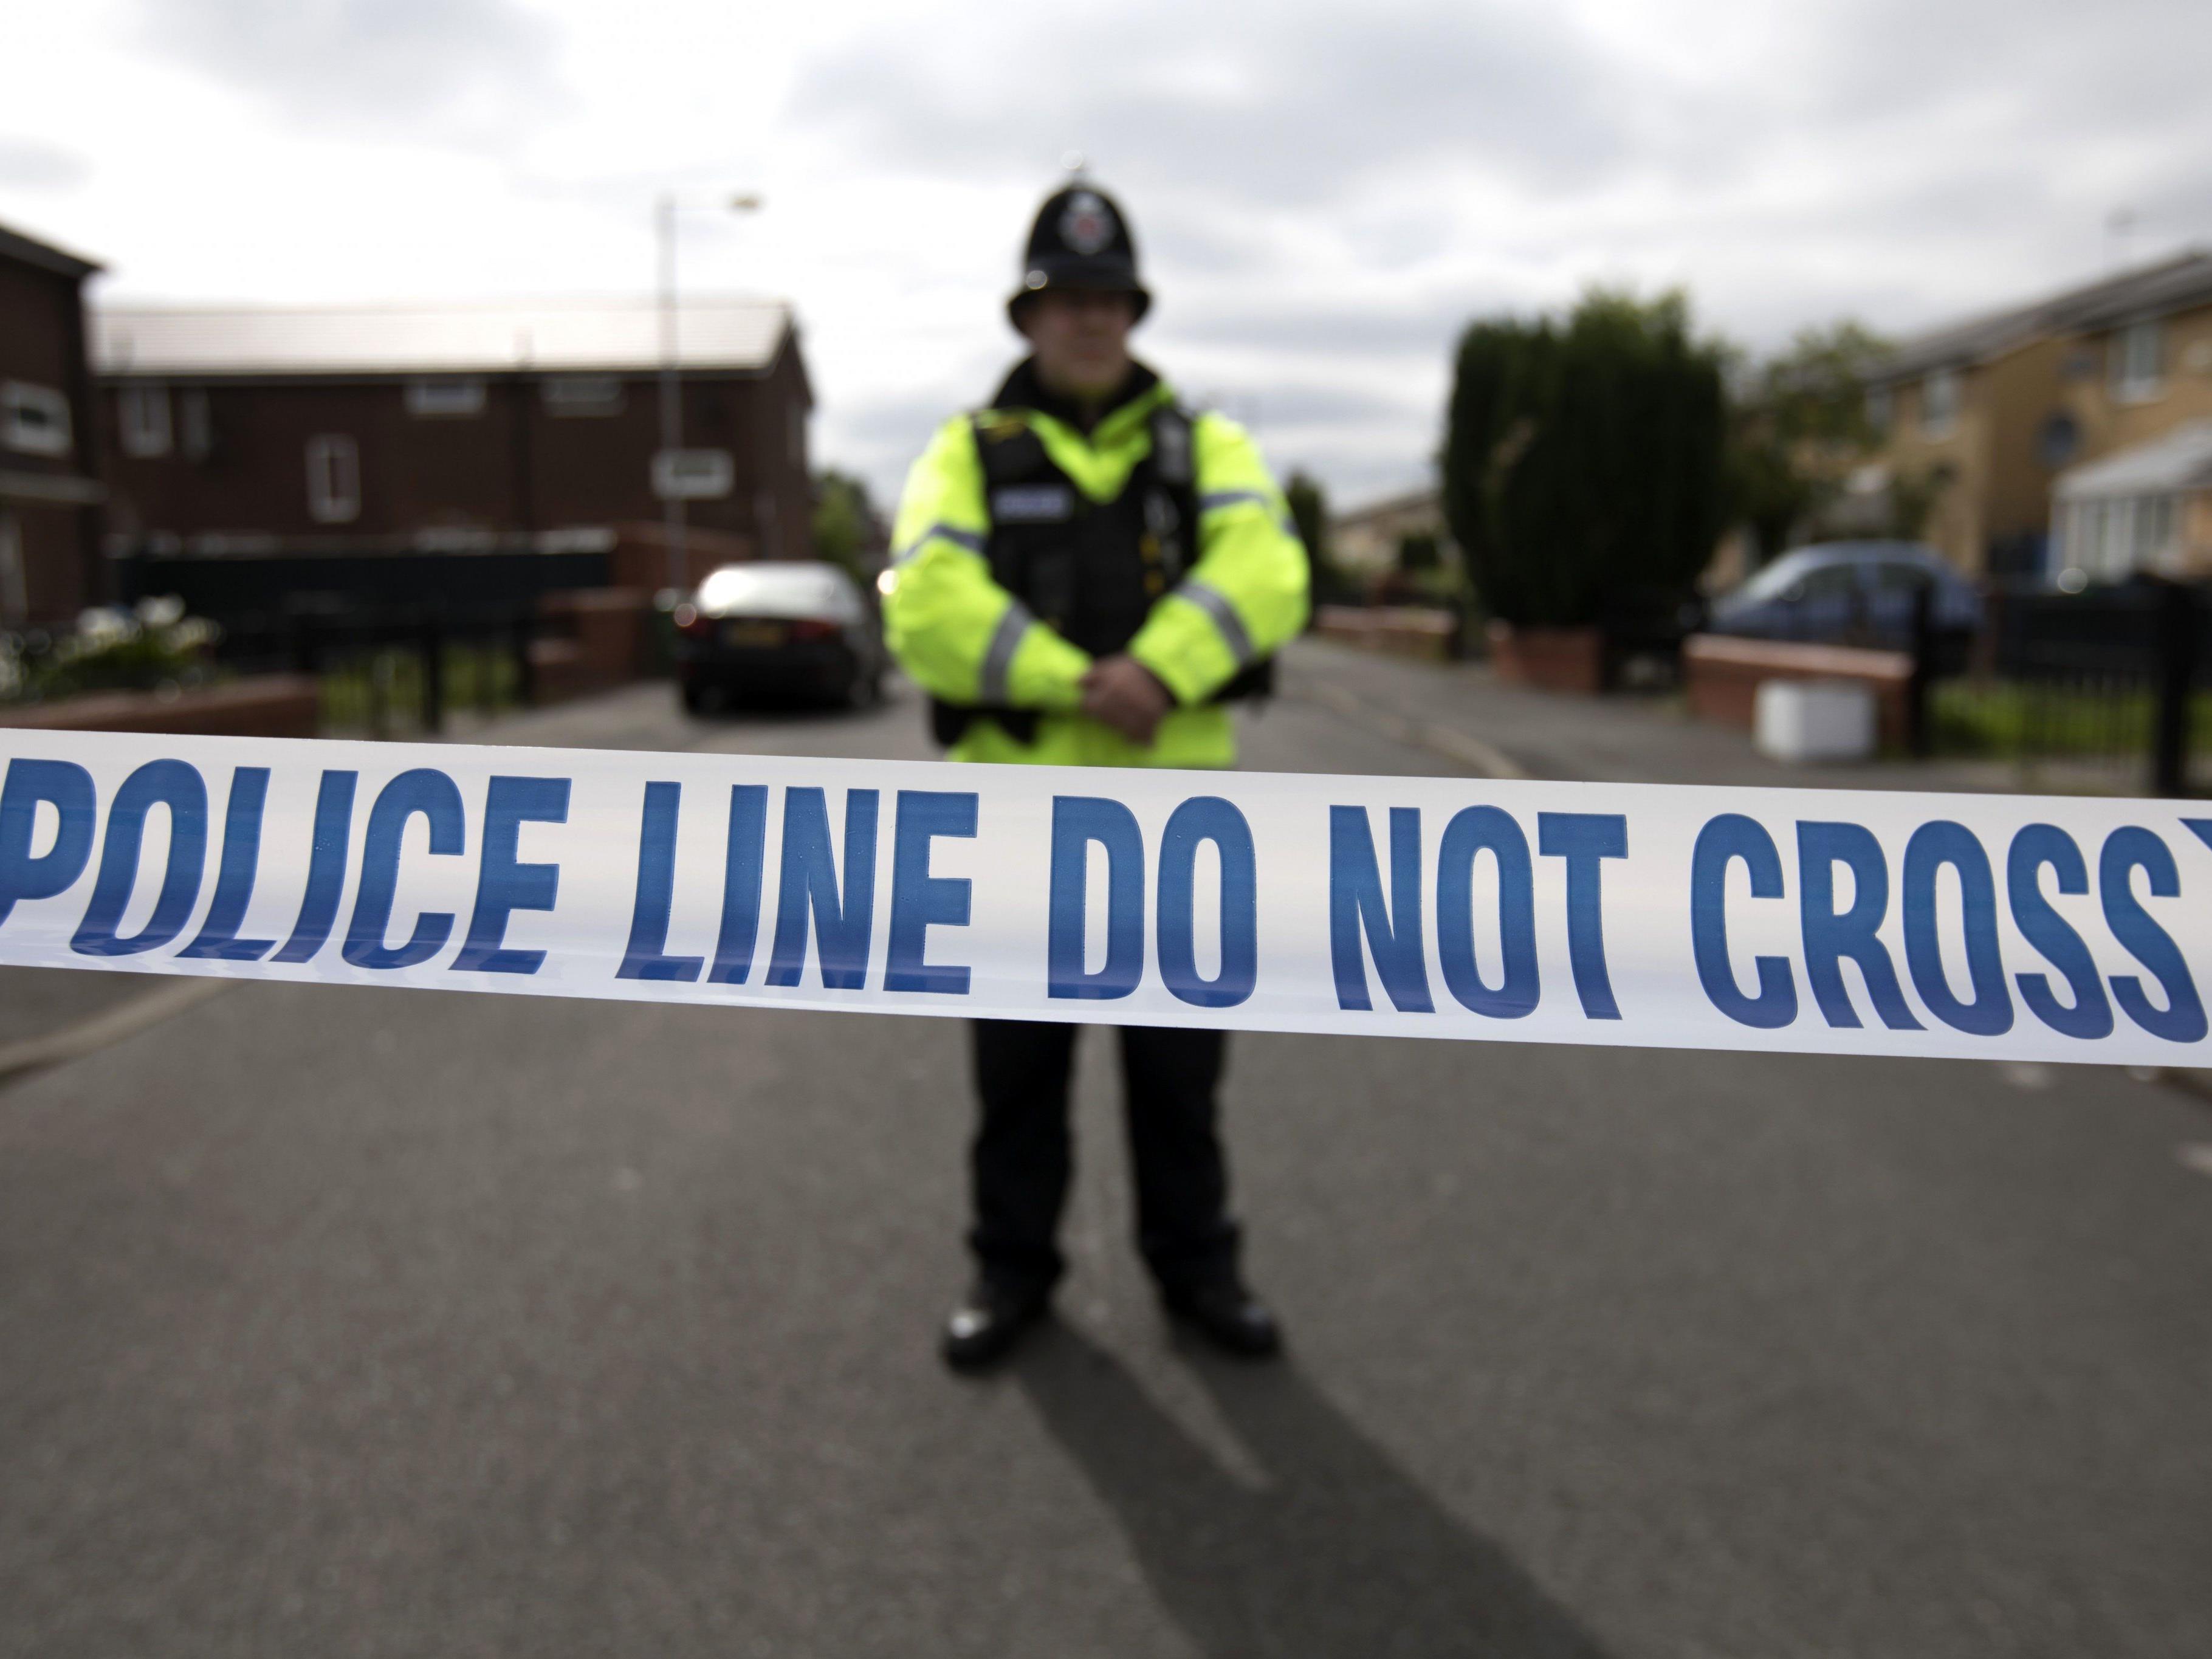 14 verdächtige Personen wurden im Zusammenhang mit dem Anschlag in Manchester festgenommen.